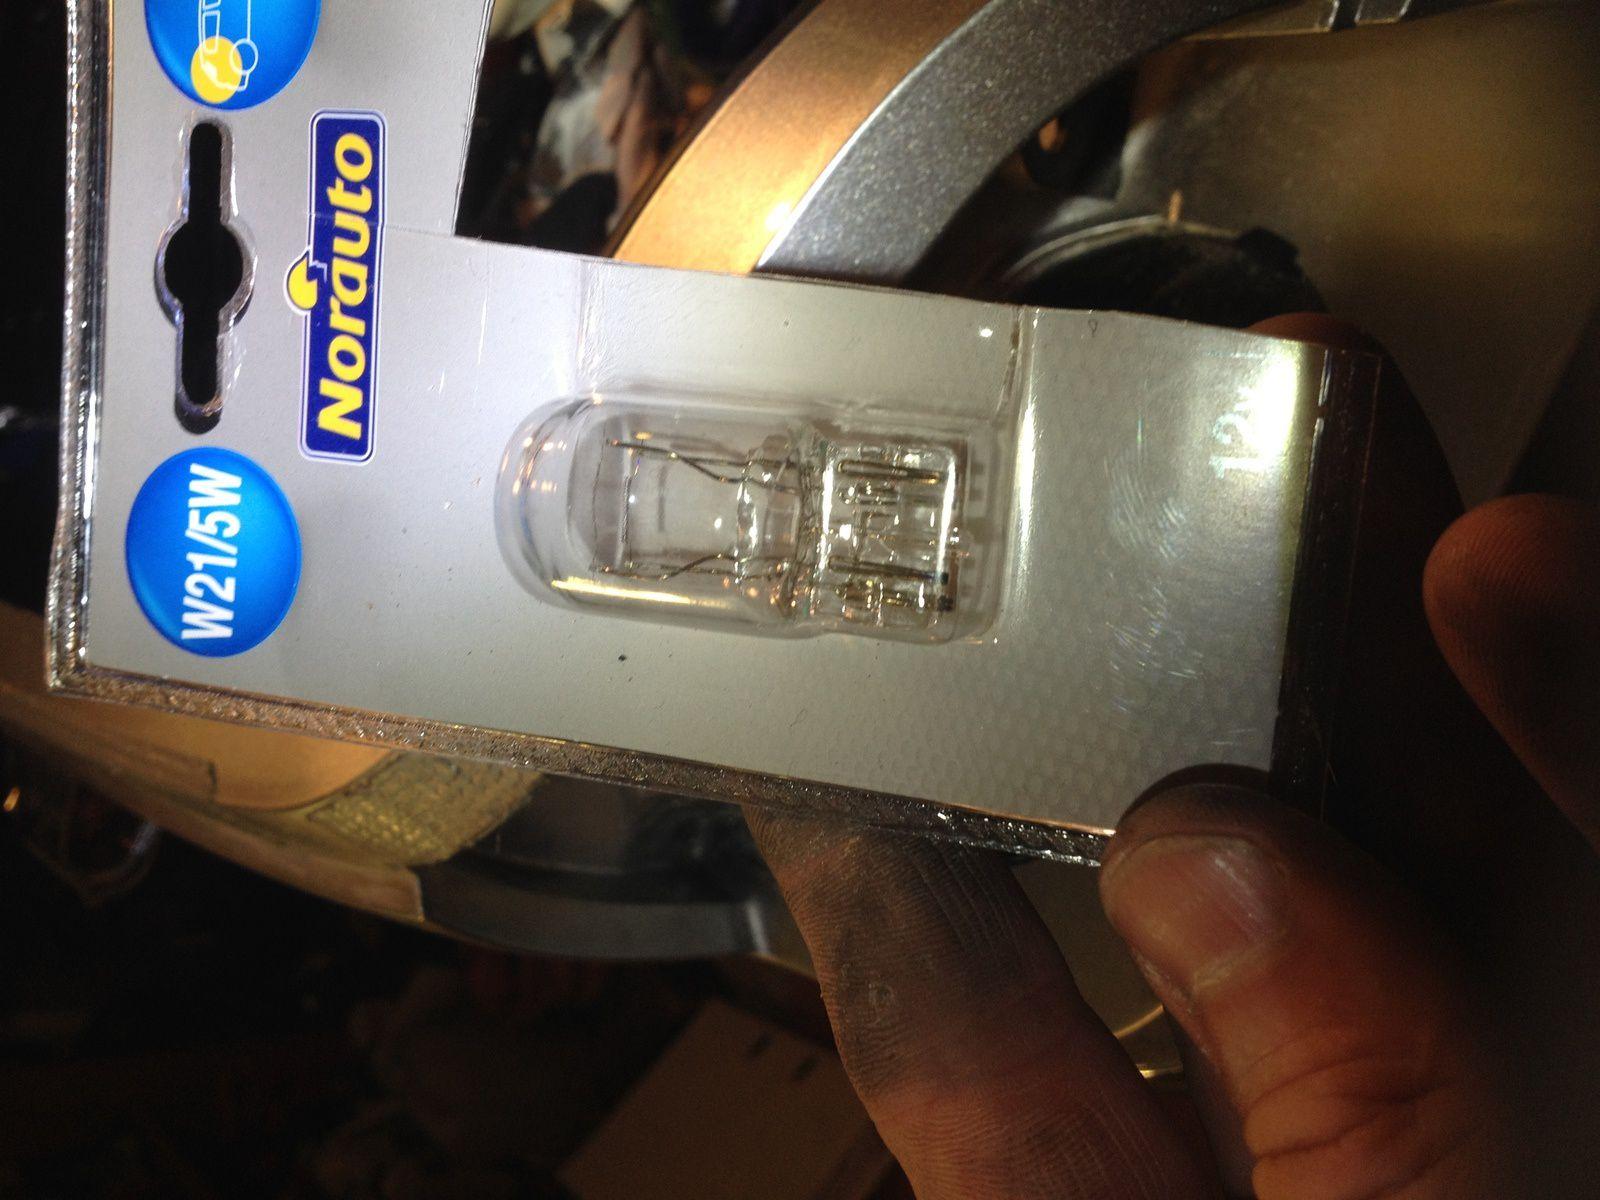 Goldwing 1800 - Gros soucis pour une ampoule grillée du coffre